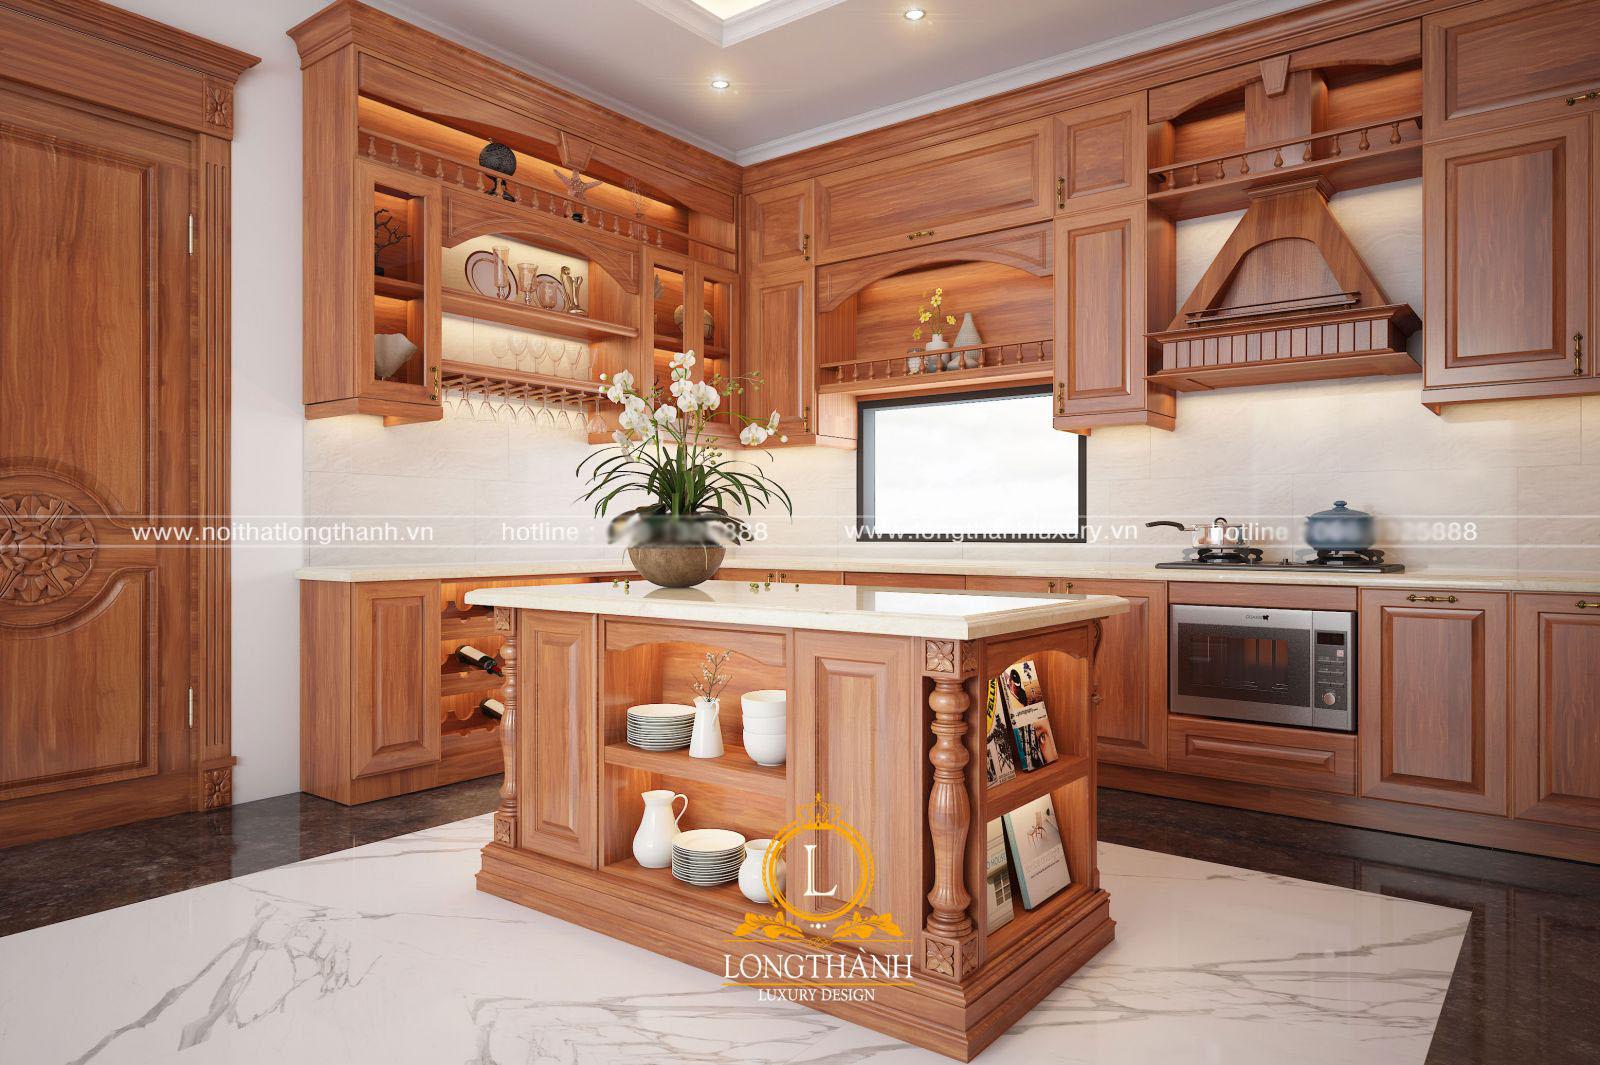 Mẫu tủ bếp tân cổ điển kết hợp bàn đảo